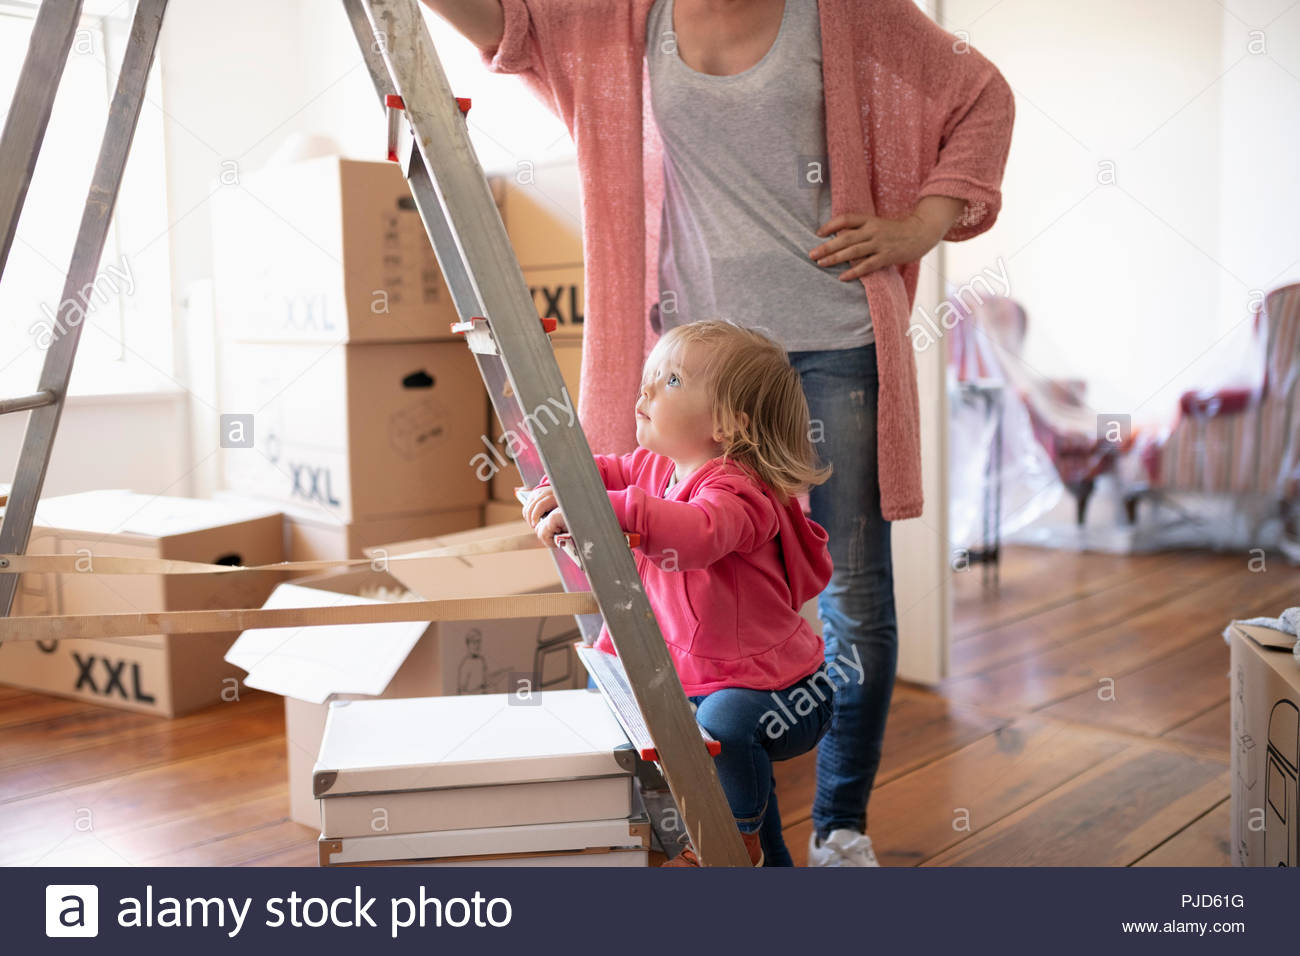 Curioso ragazza scaletta di arrampicata, con lo spostamento nella nuova casa Immagini Stock